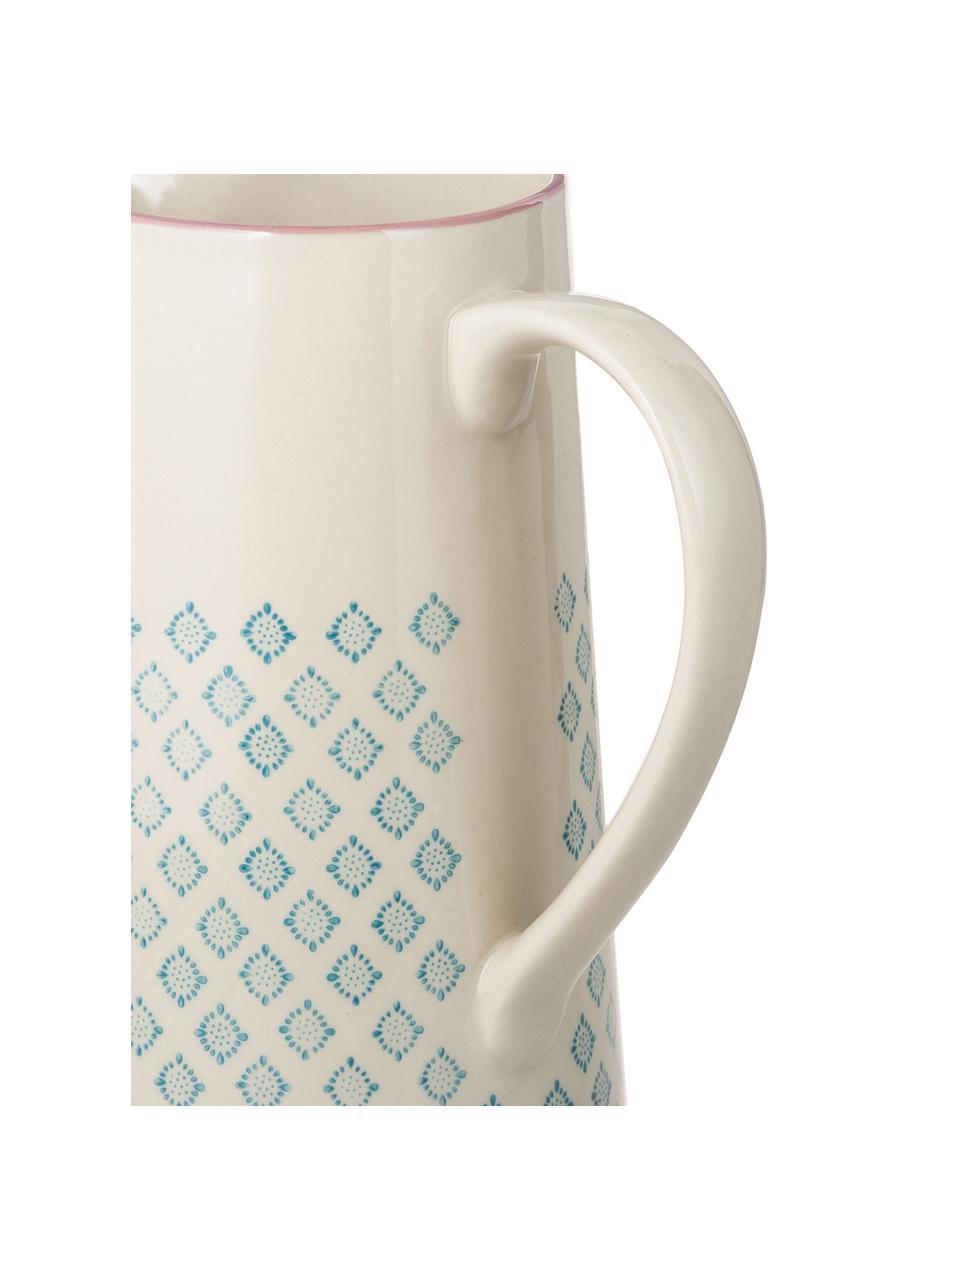 Handbemalter Steingut Wasserkrug Patrizia mit verspieltem Muster, 2 L, Steingut, Petrol, Creme, Violett, 2 L